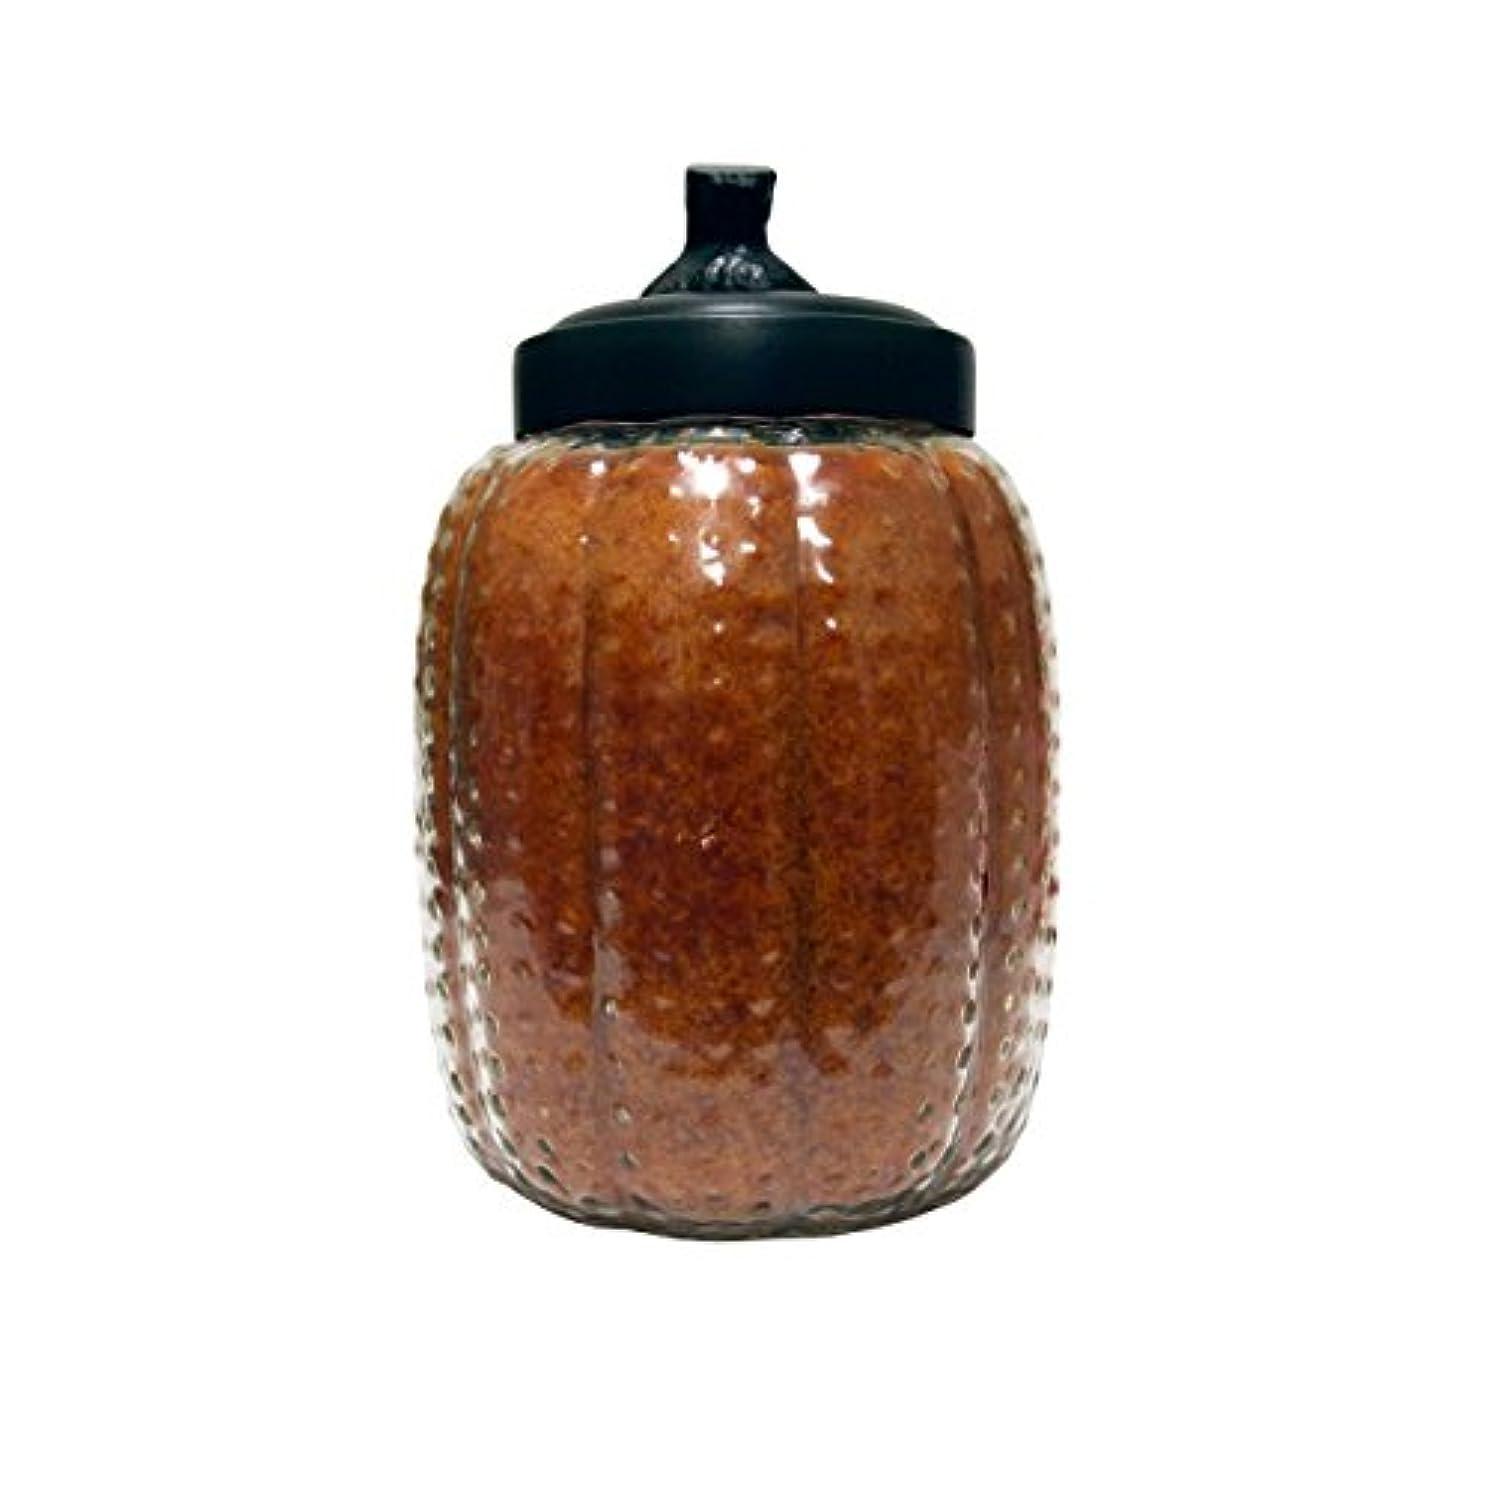 適合しました拾う品揃えA Cheerful Giver Autumn Orchards Pumpkin Jar Candle, 26-Ounce by Cheerful Giver [並行輸入品]